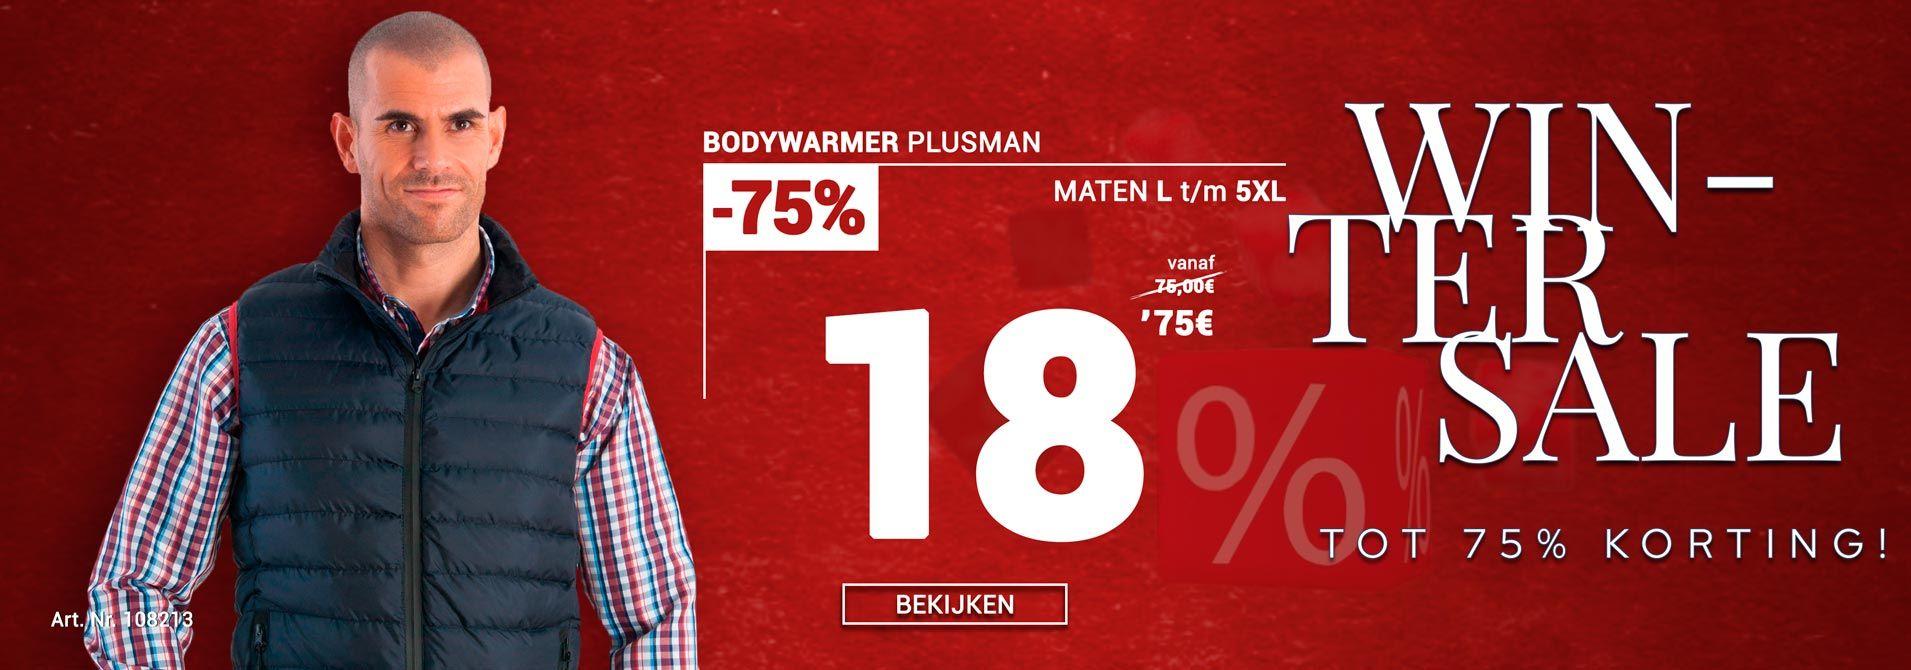 Bodywarmer van Plusman